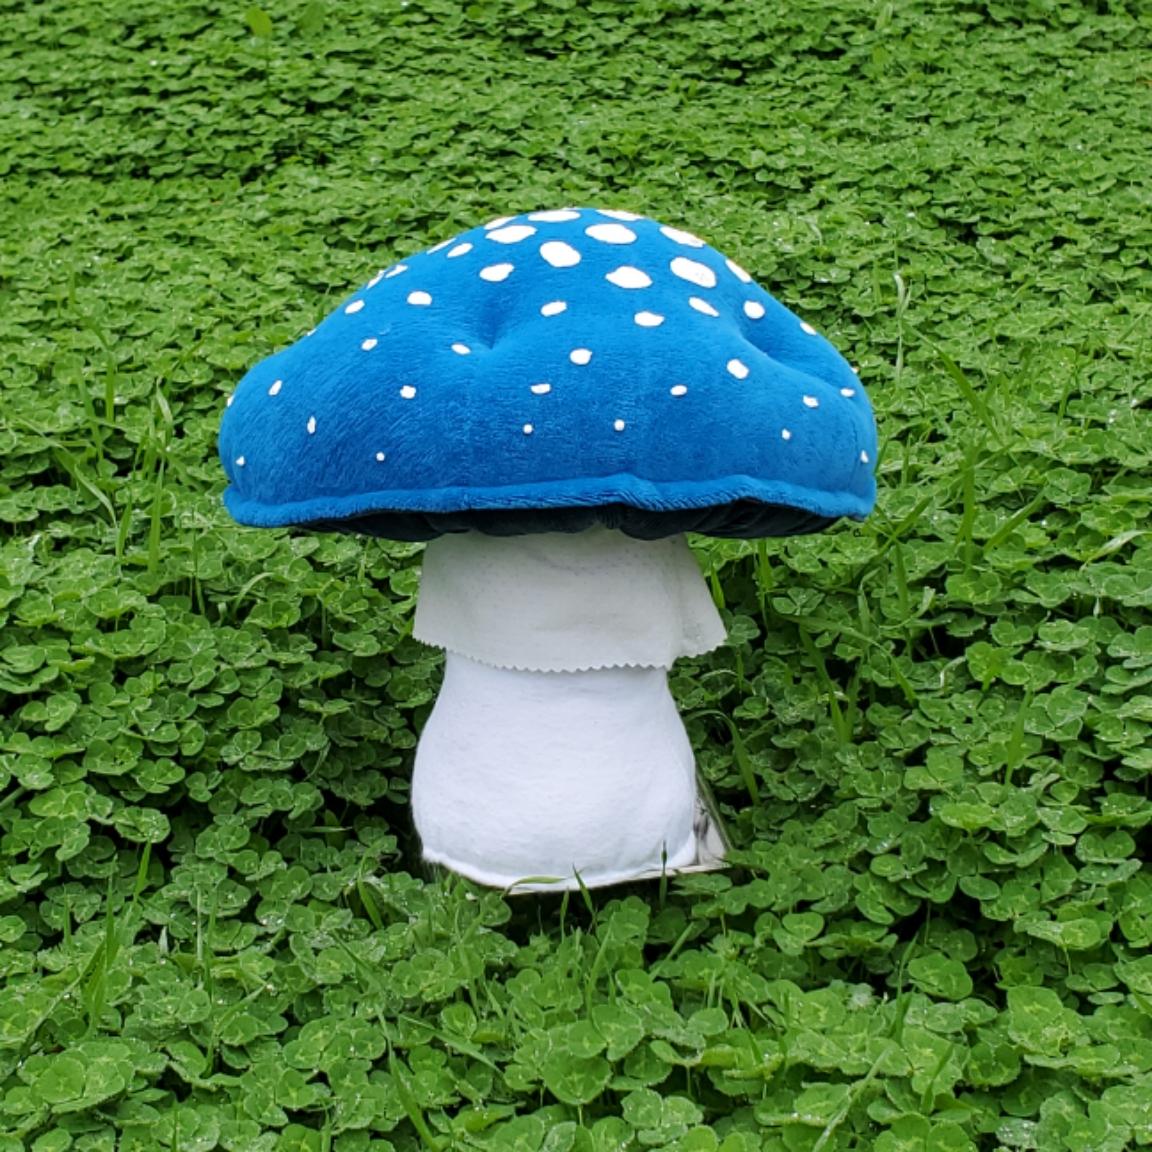 Cloverfield mushroom blue amanita